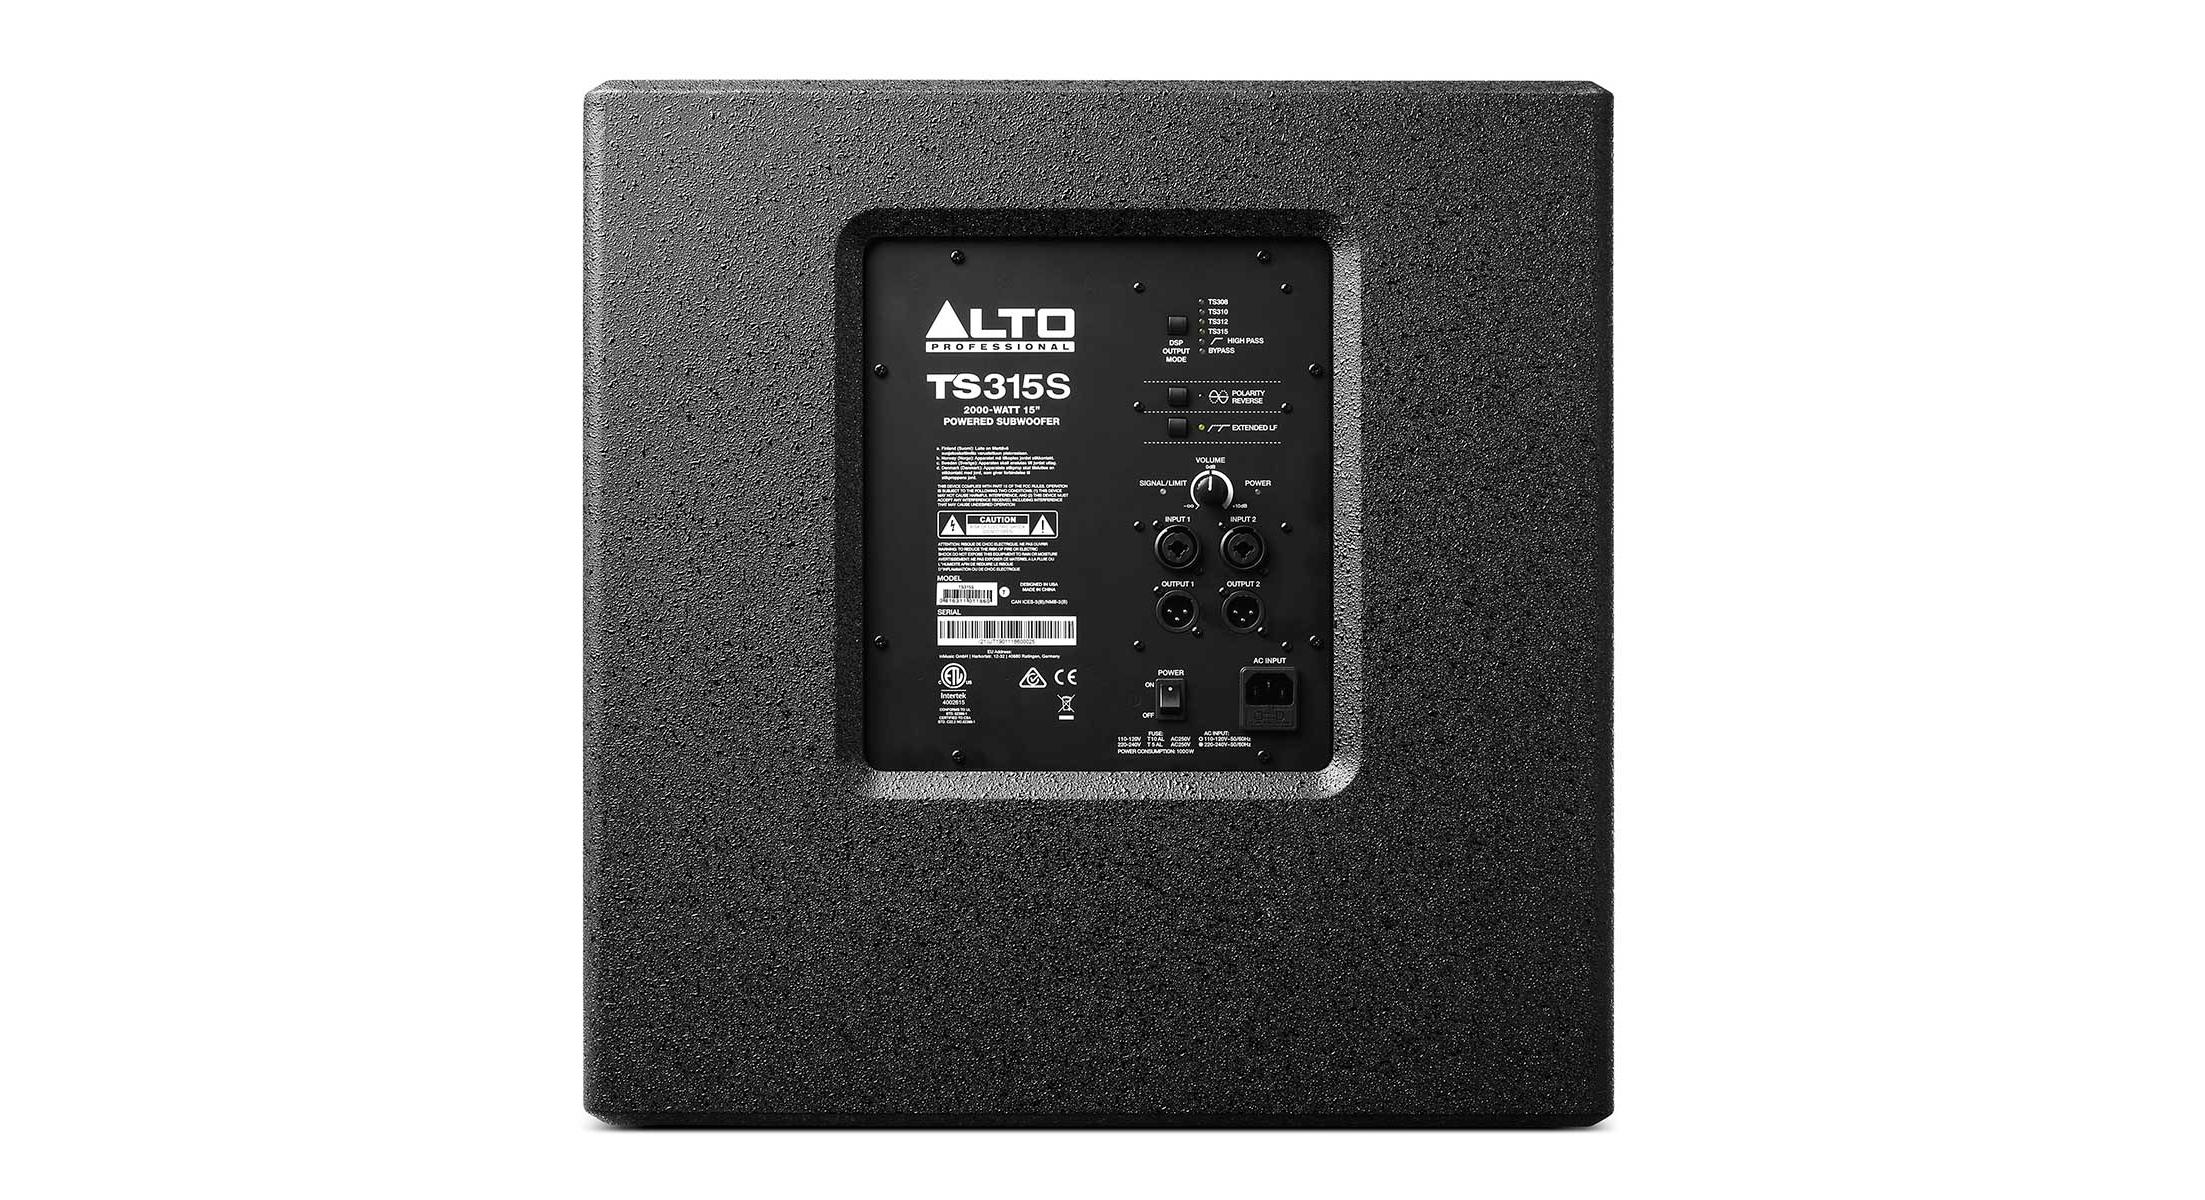 Alto-TS315S-rear_y2fn-rk.jpg